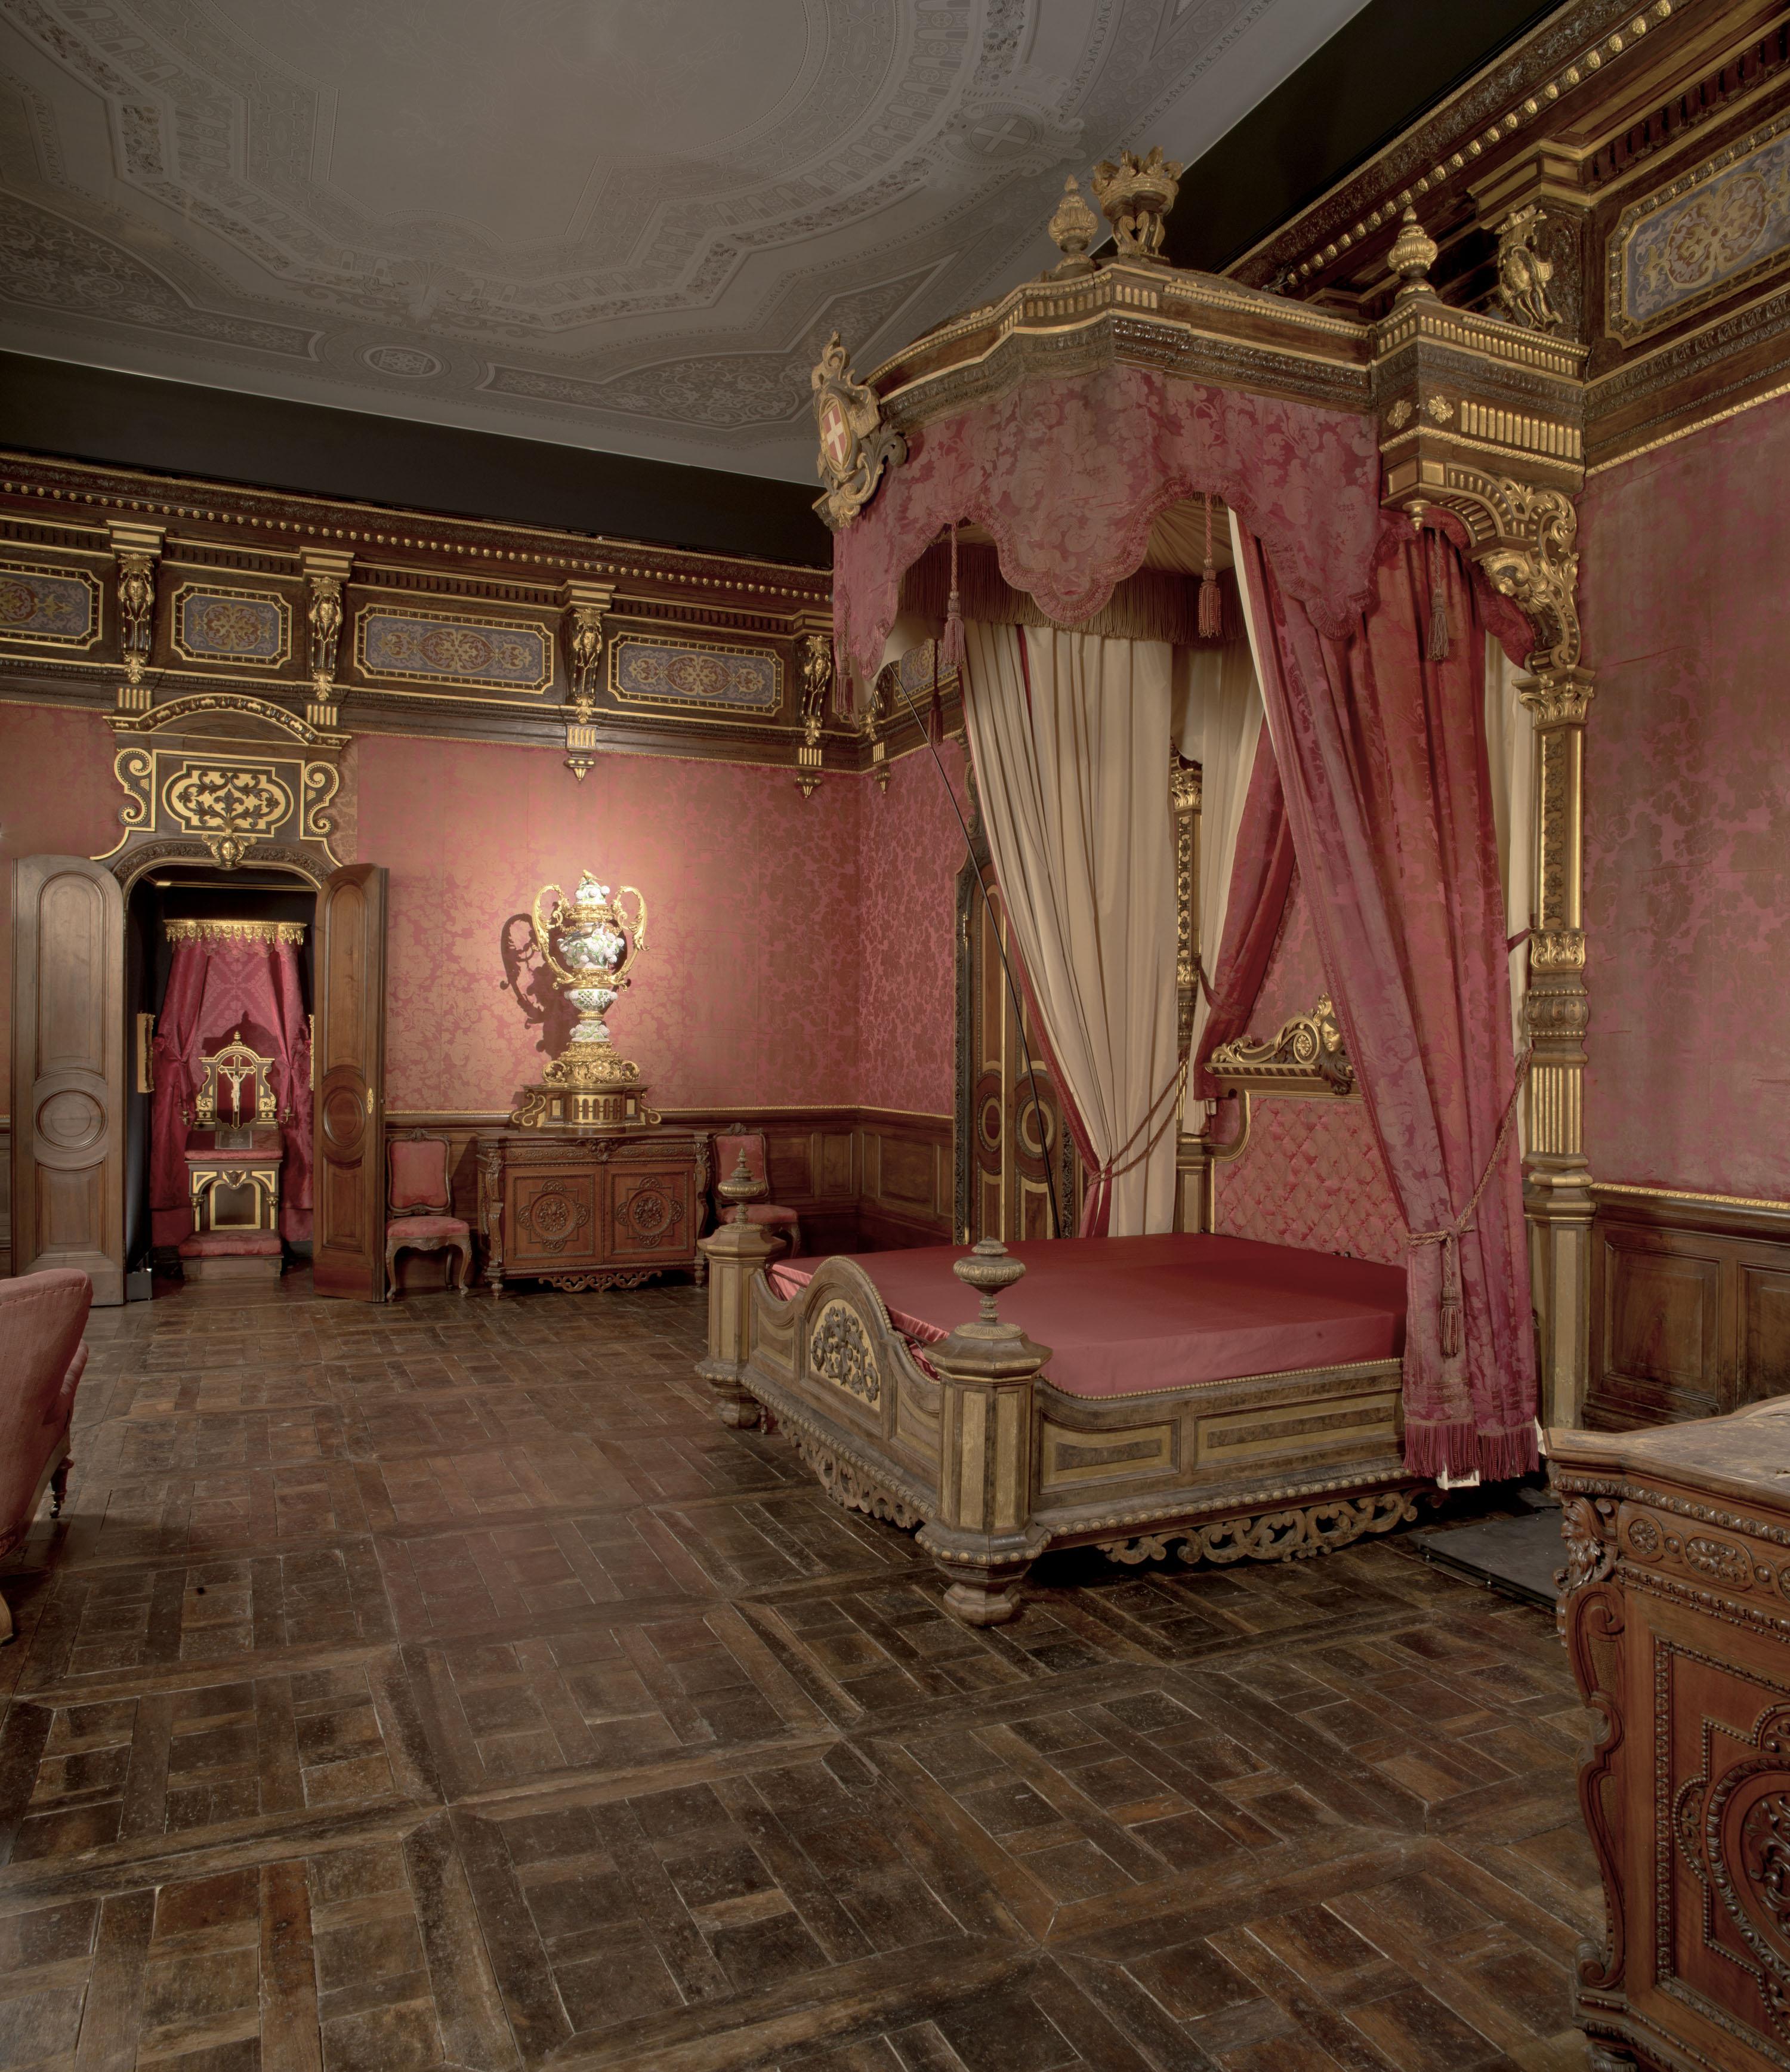 Riapre il castello di moncalieri da sabato 11 novembre 2017 polo museale del piemonte - Dipinti camera da letto ...